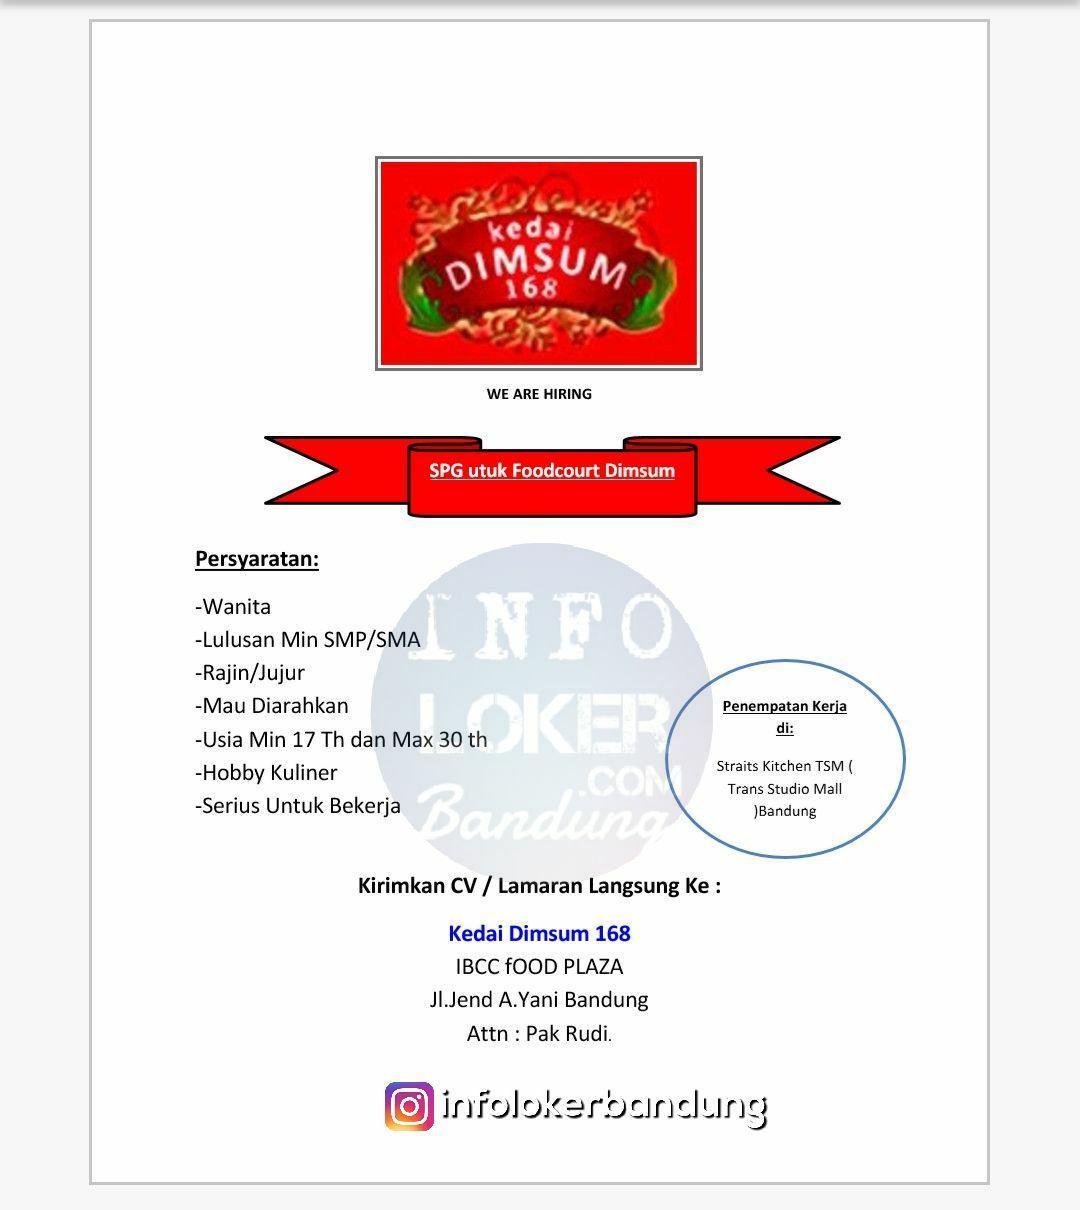 Lowongan Kerja Kedai Dimsum 168 Bandung Februari 2018